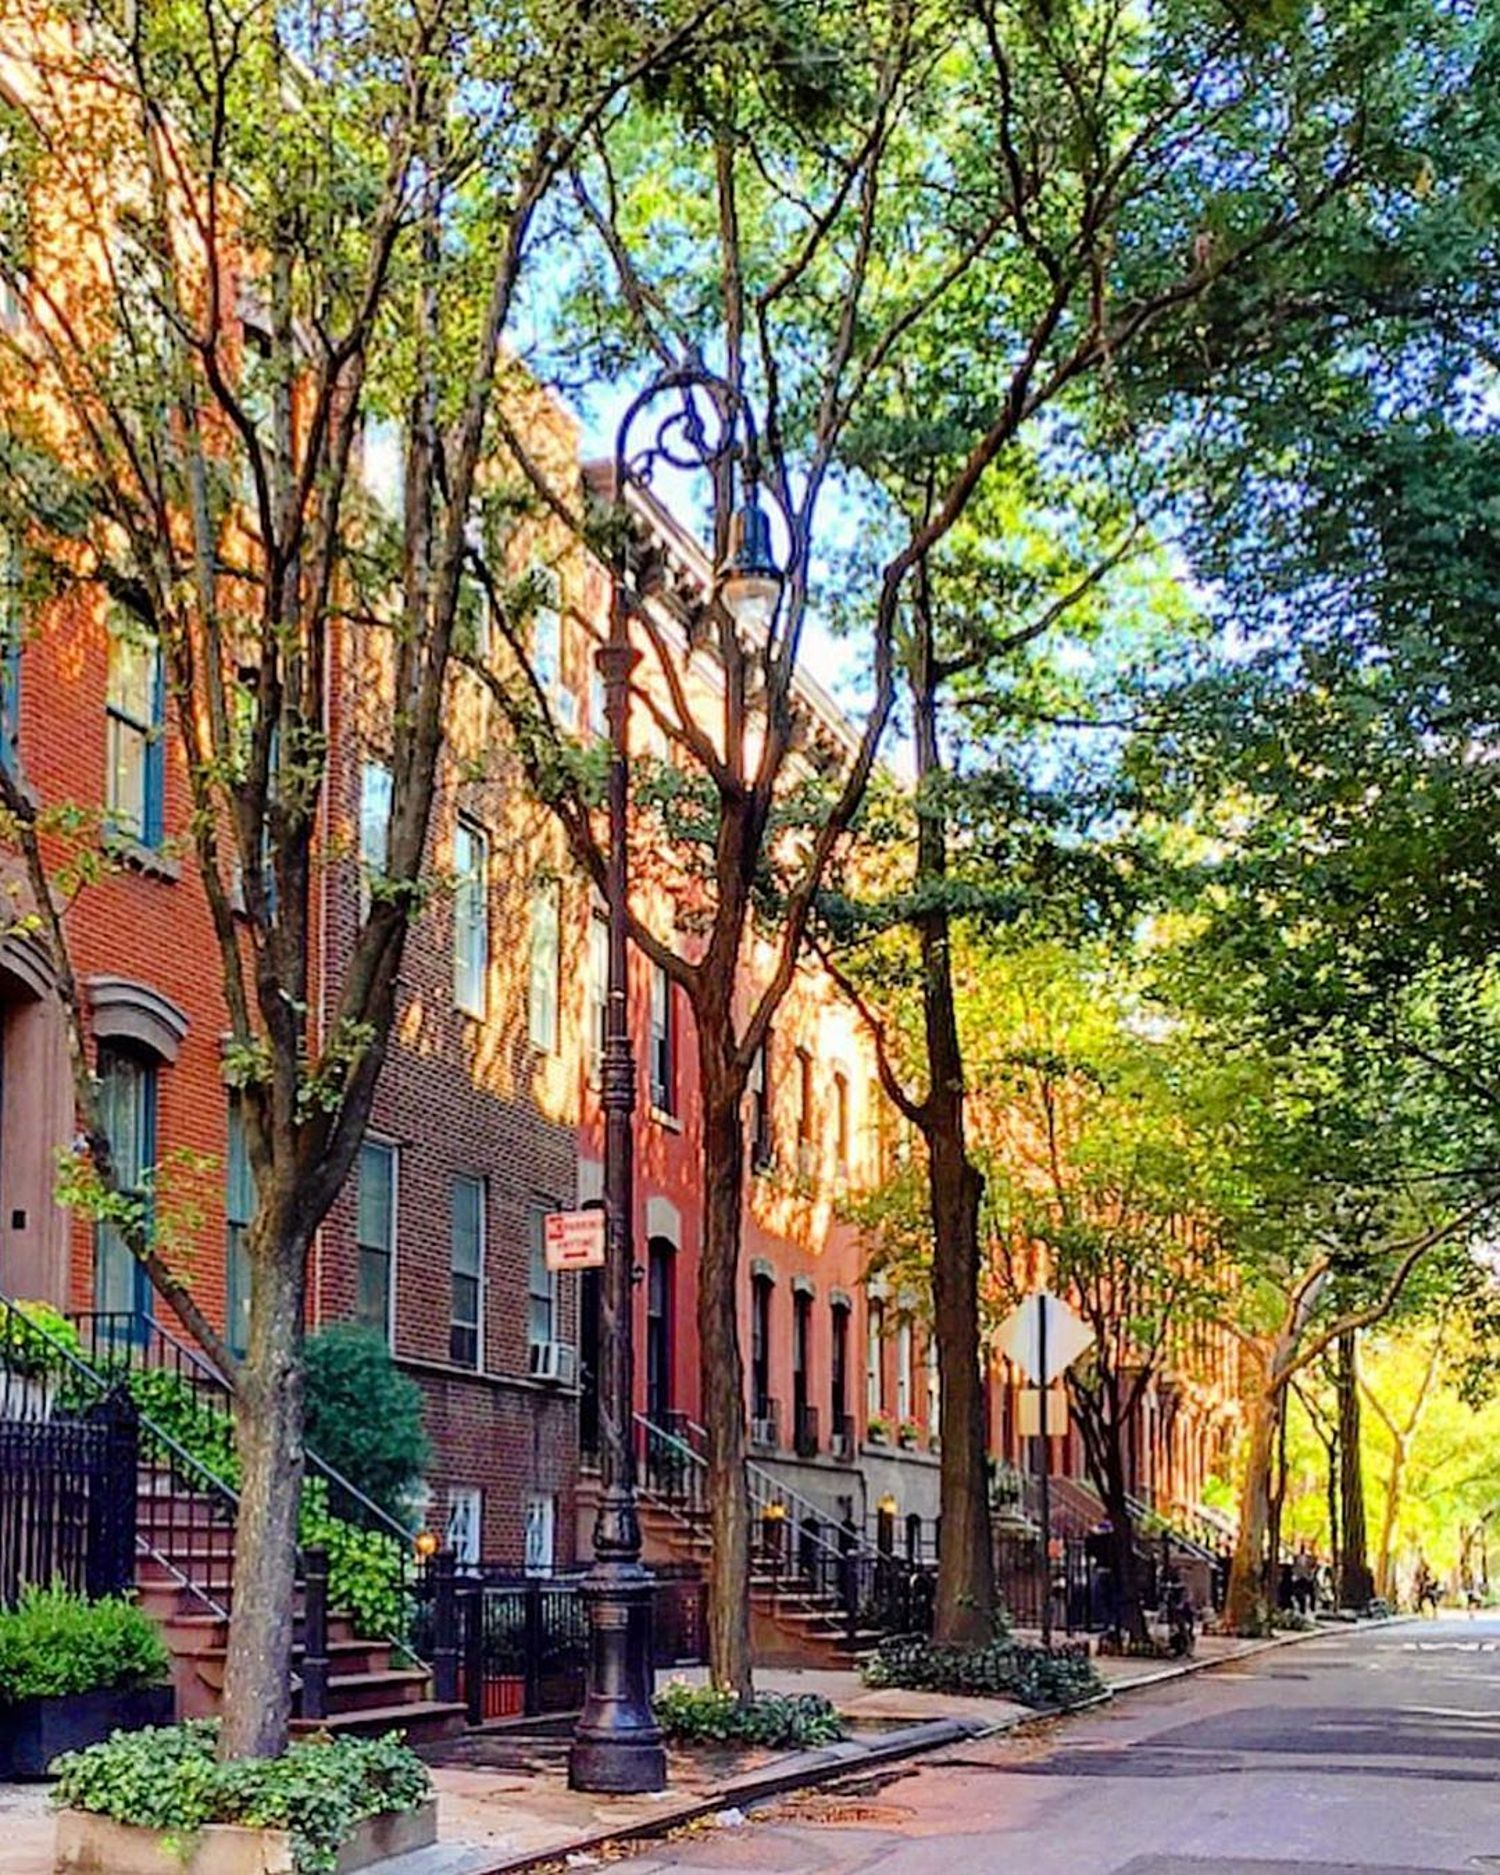 Charles Street, West Village, Manhattan